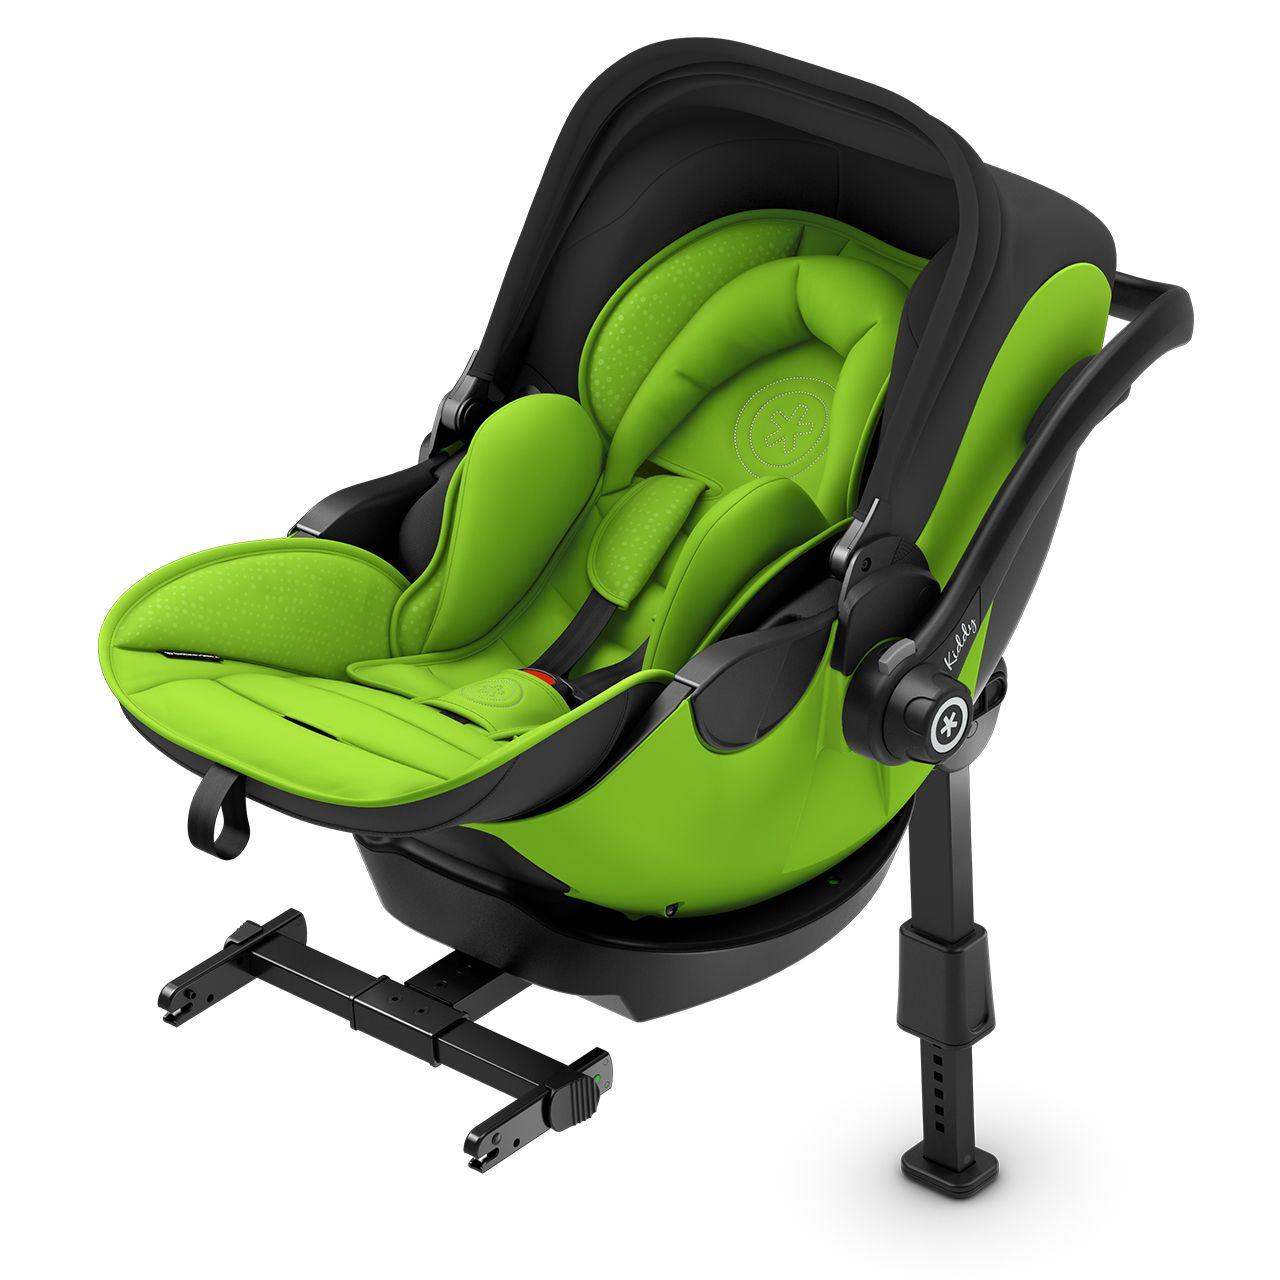 Cinco sillas coche mejor valoradas test seguridad 2018 for Sillas seguridad coche